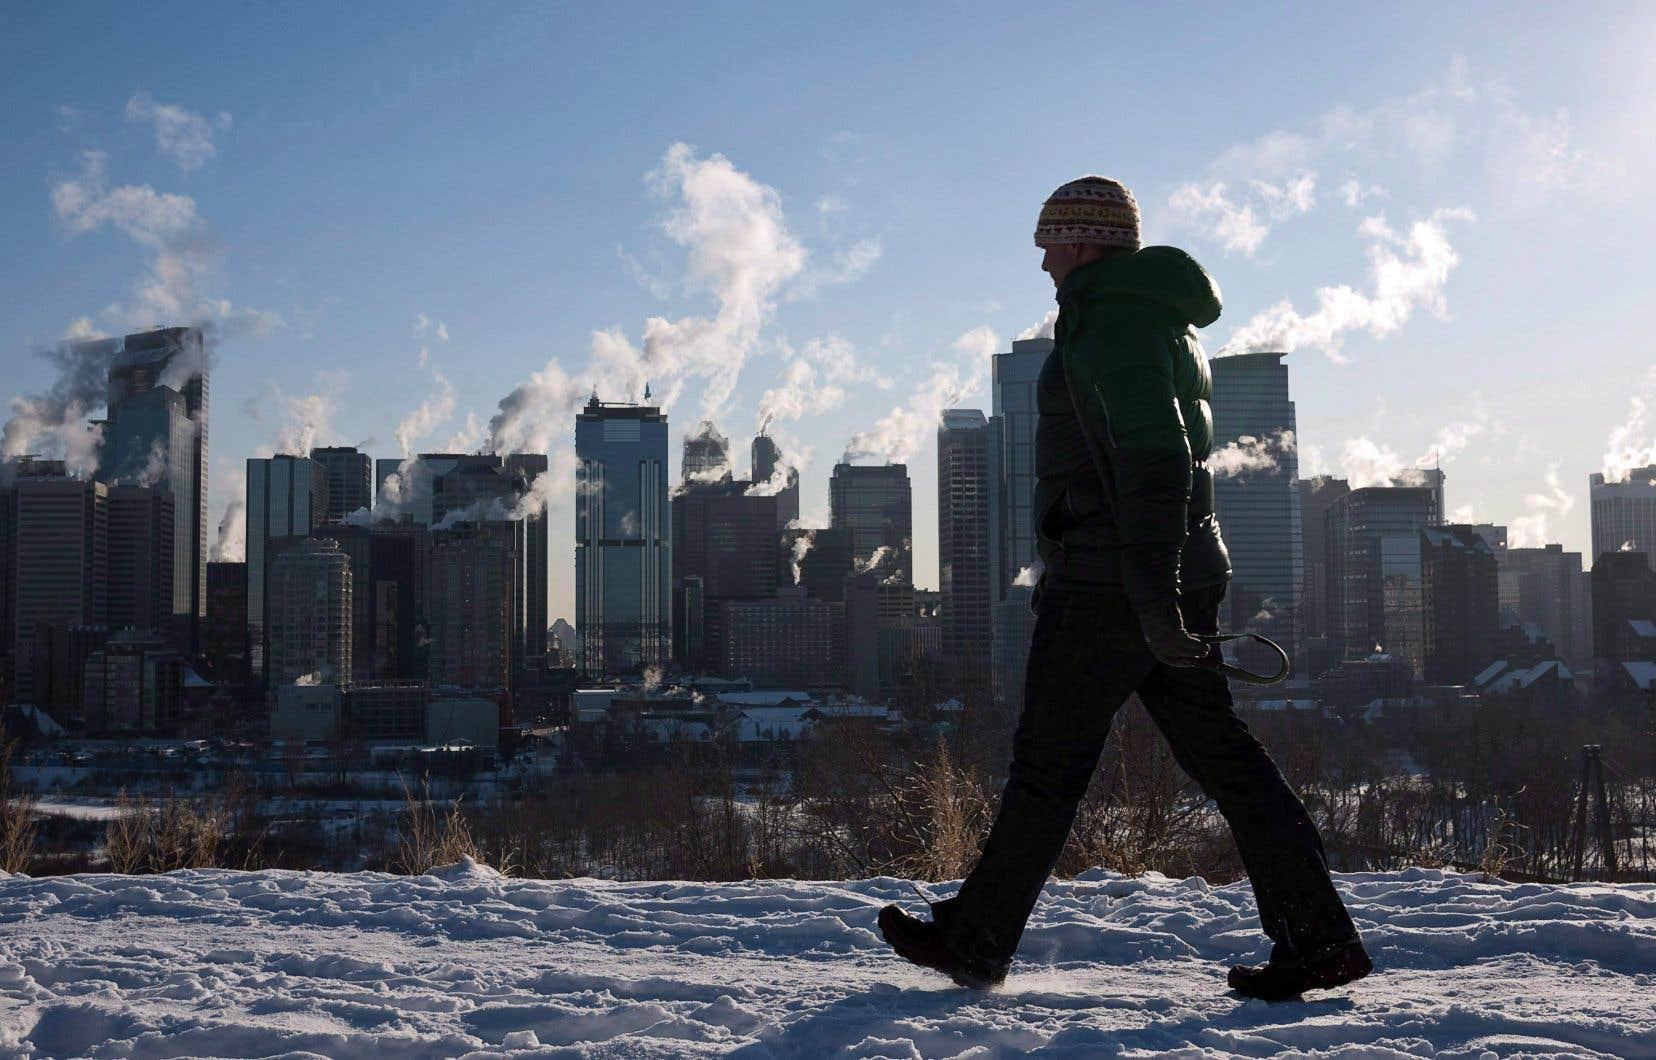 «Les immigrants francophones ont connu une augmentation de 106% sur une décennie, de 2006 à 2016. La ville d'Edmonton a même battu le record, avec une augmentation de 171%», rappelleIdaKamariza.